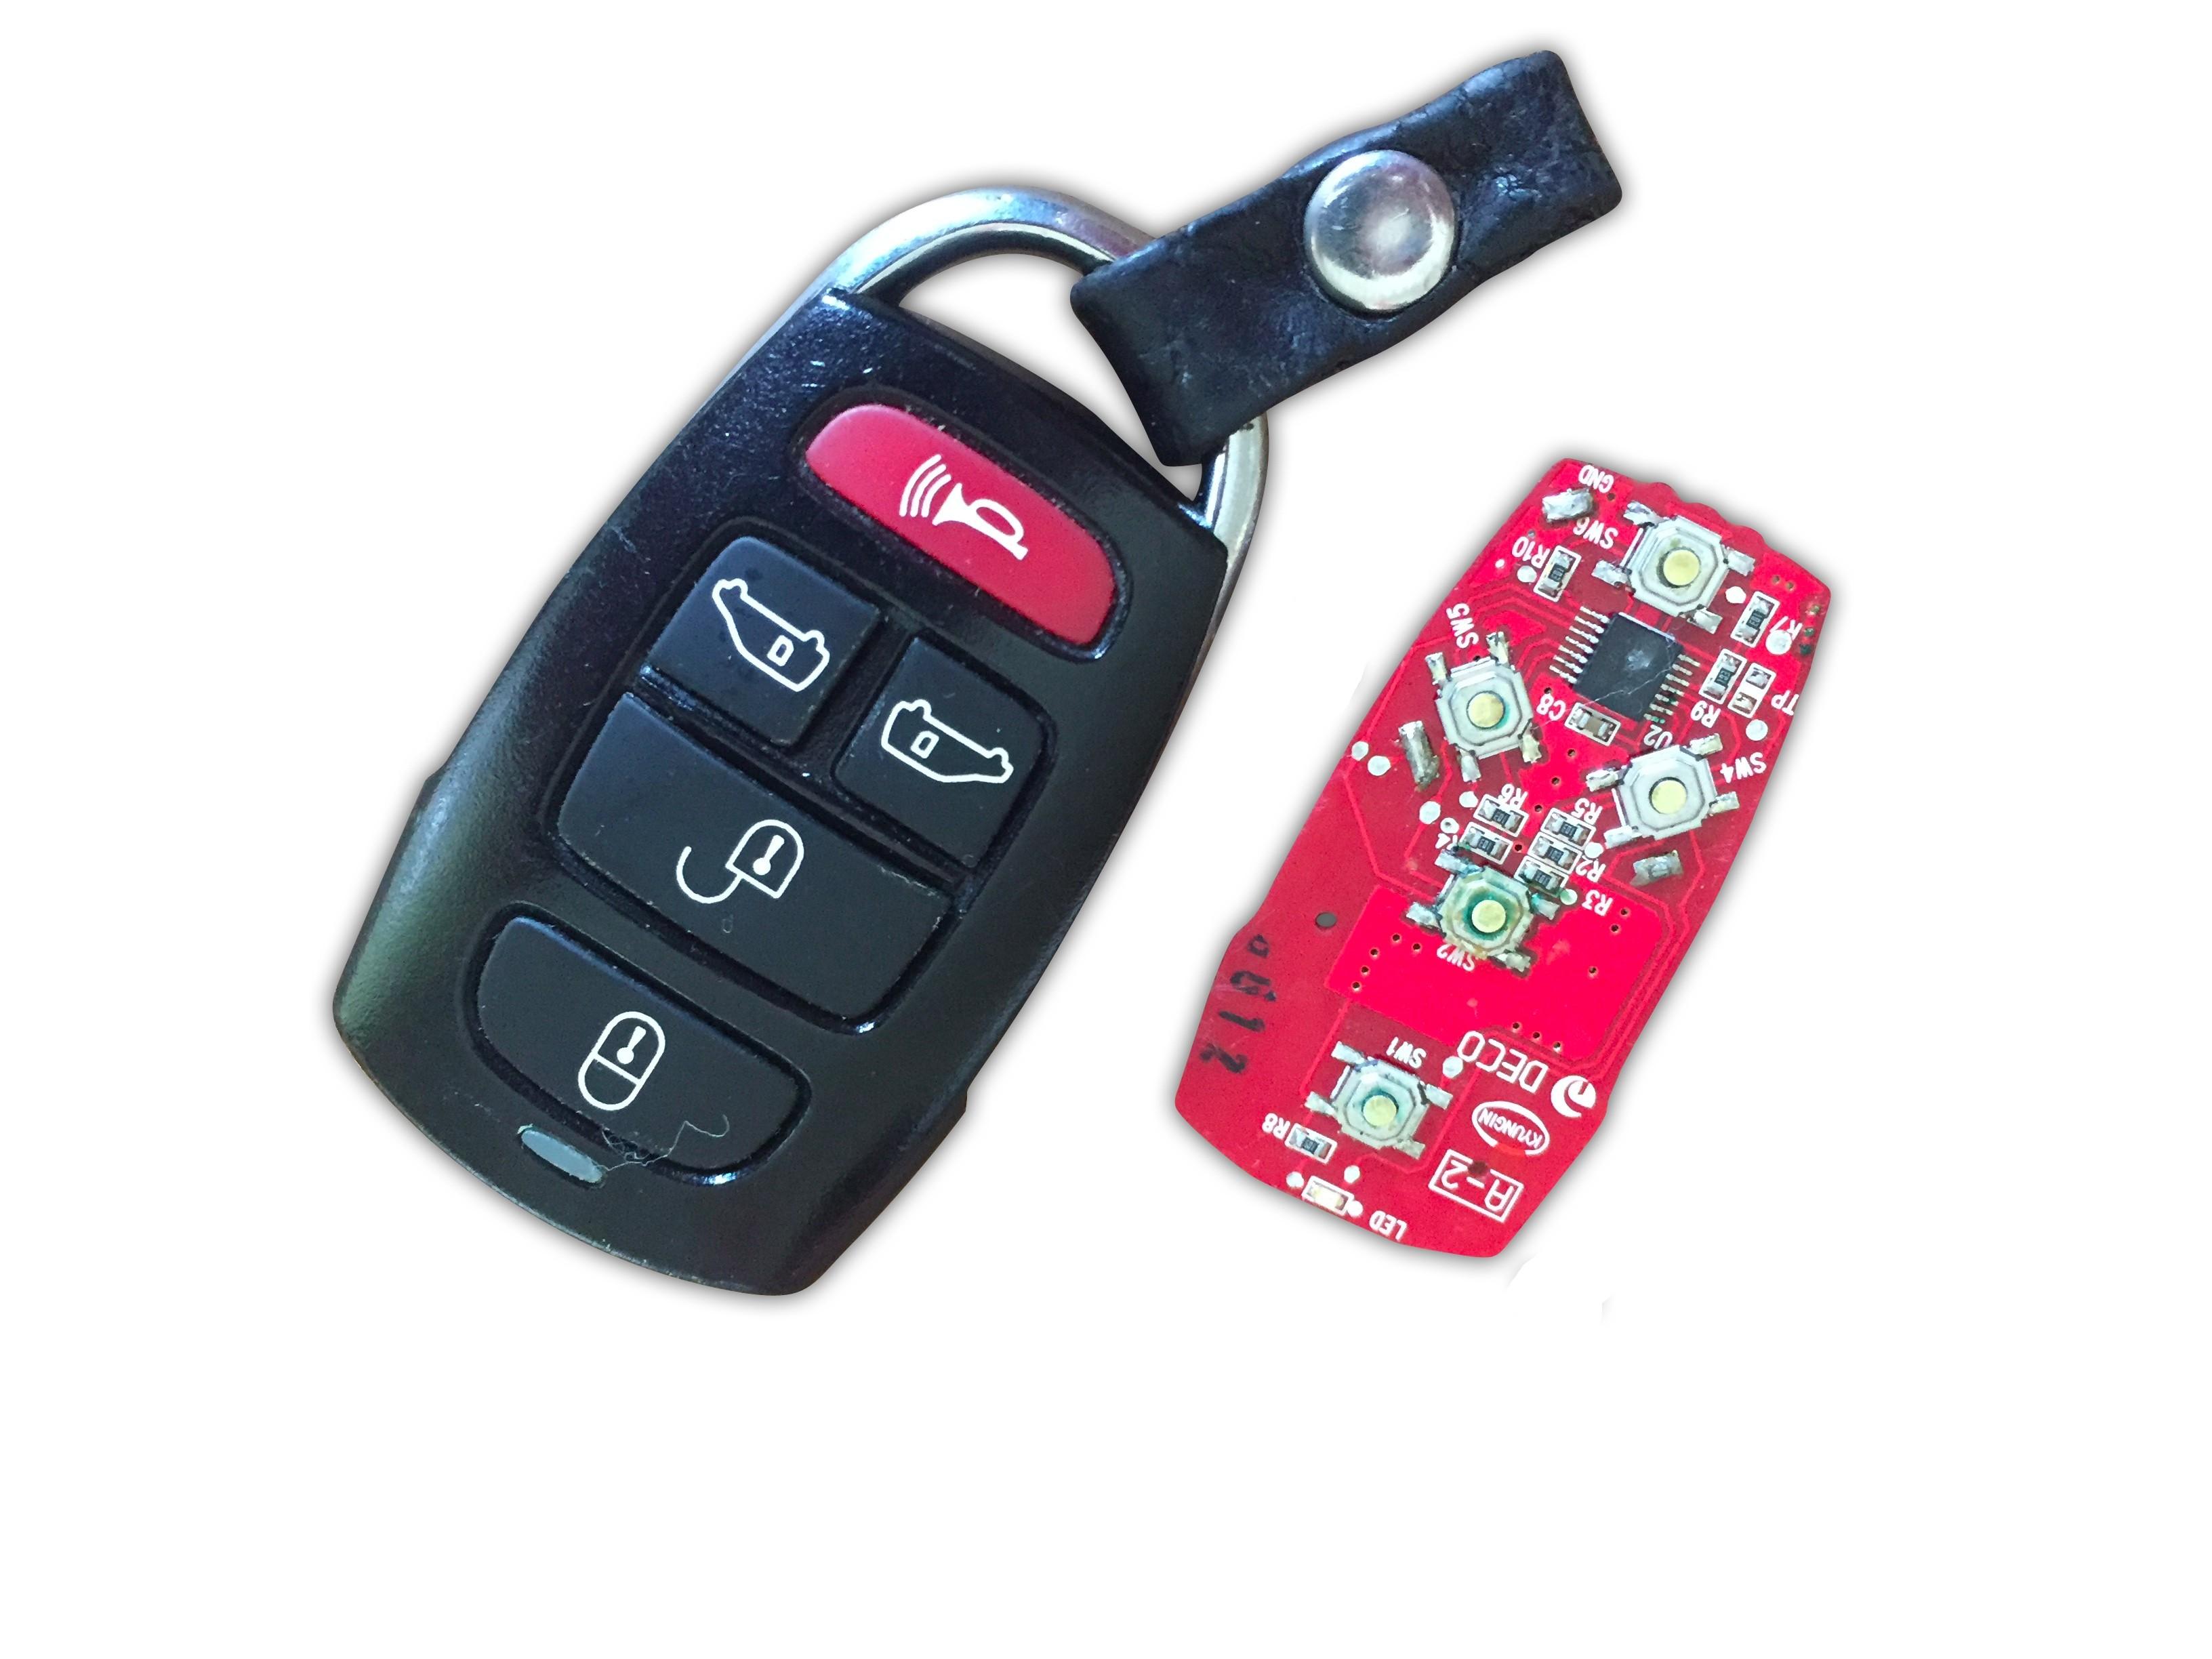 Repair Service for Kia Sedona 5 button remote key fob